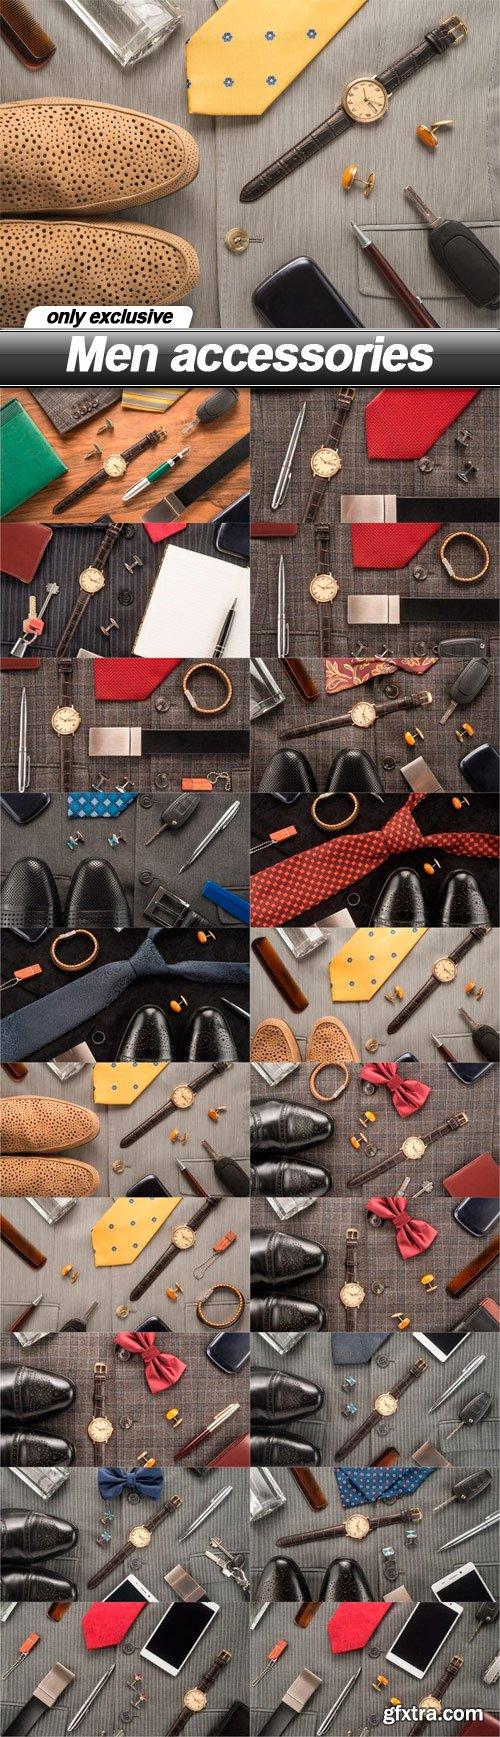 Men accessories - 20 UHQ JPEG